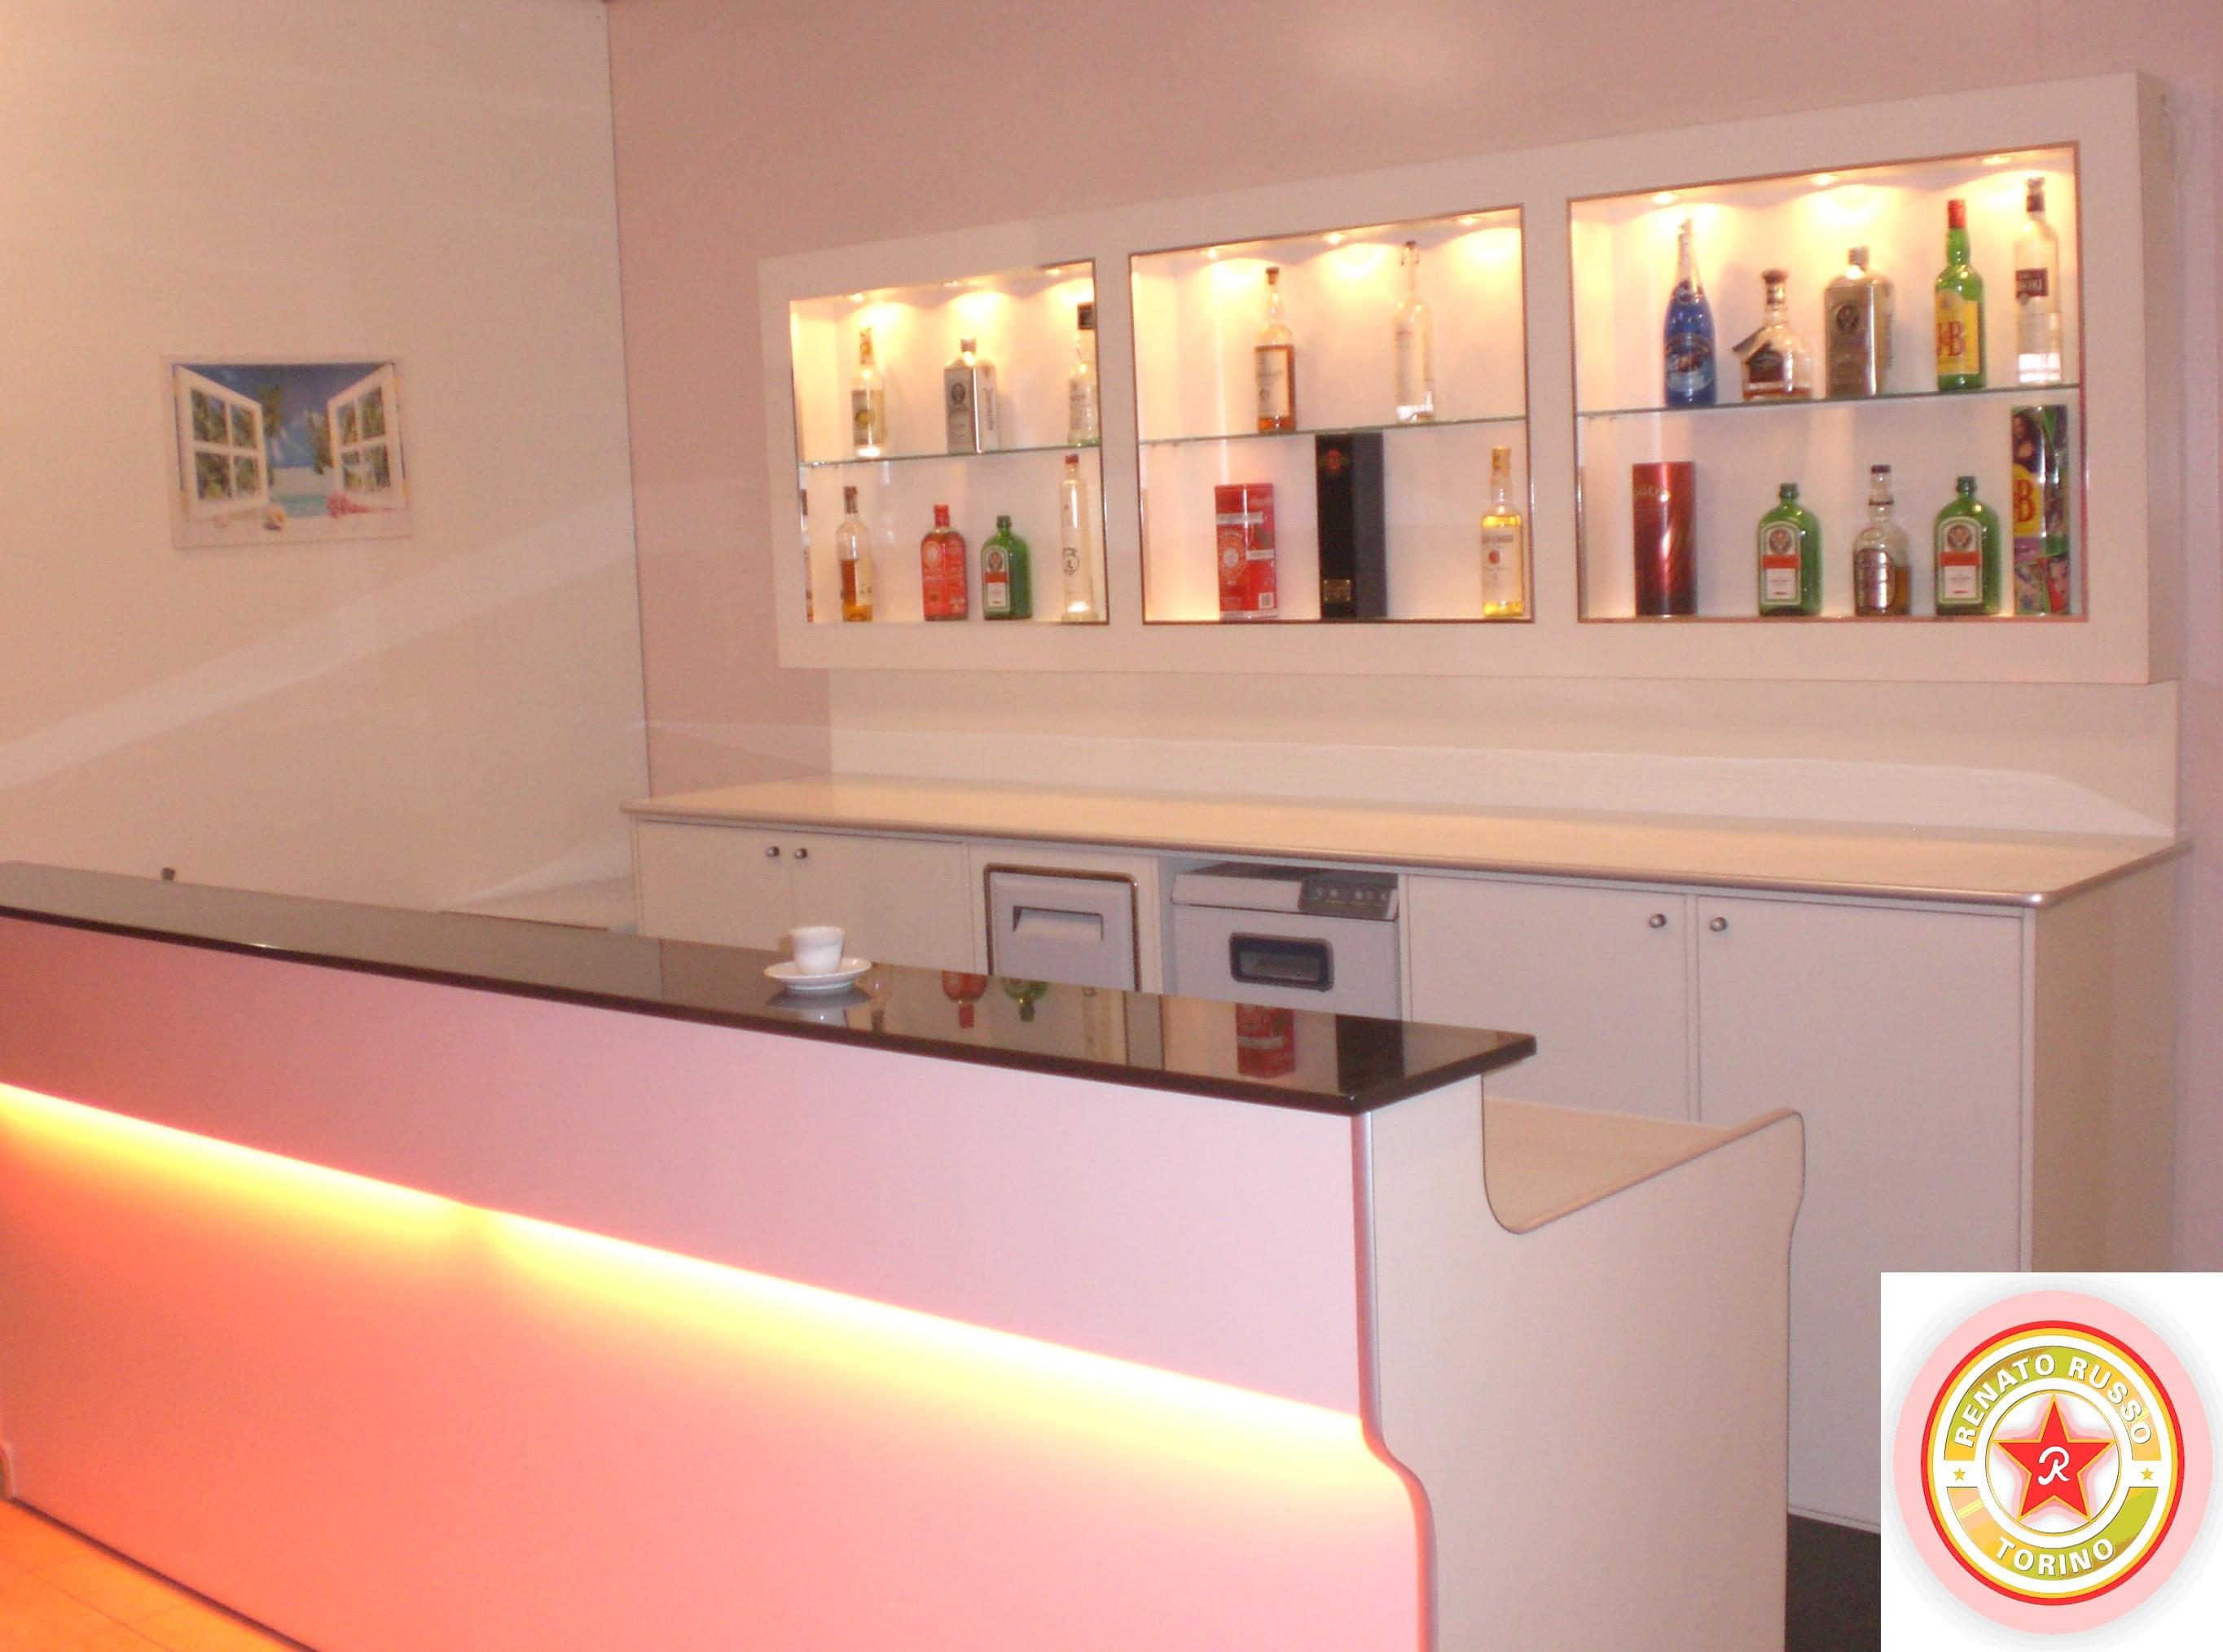 Banchi bar compra in fabbrica a met prezzo novit bar for Arredamento piemonte